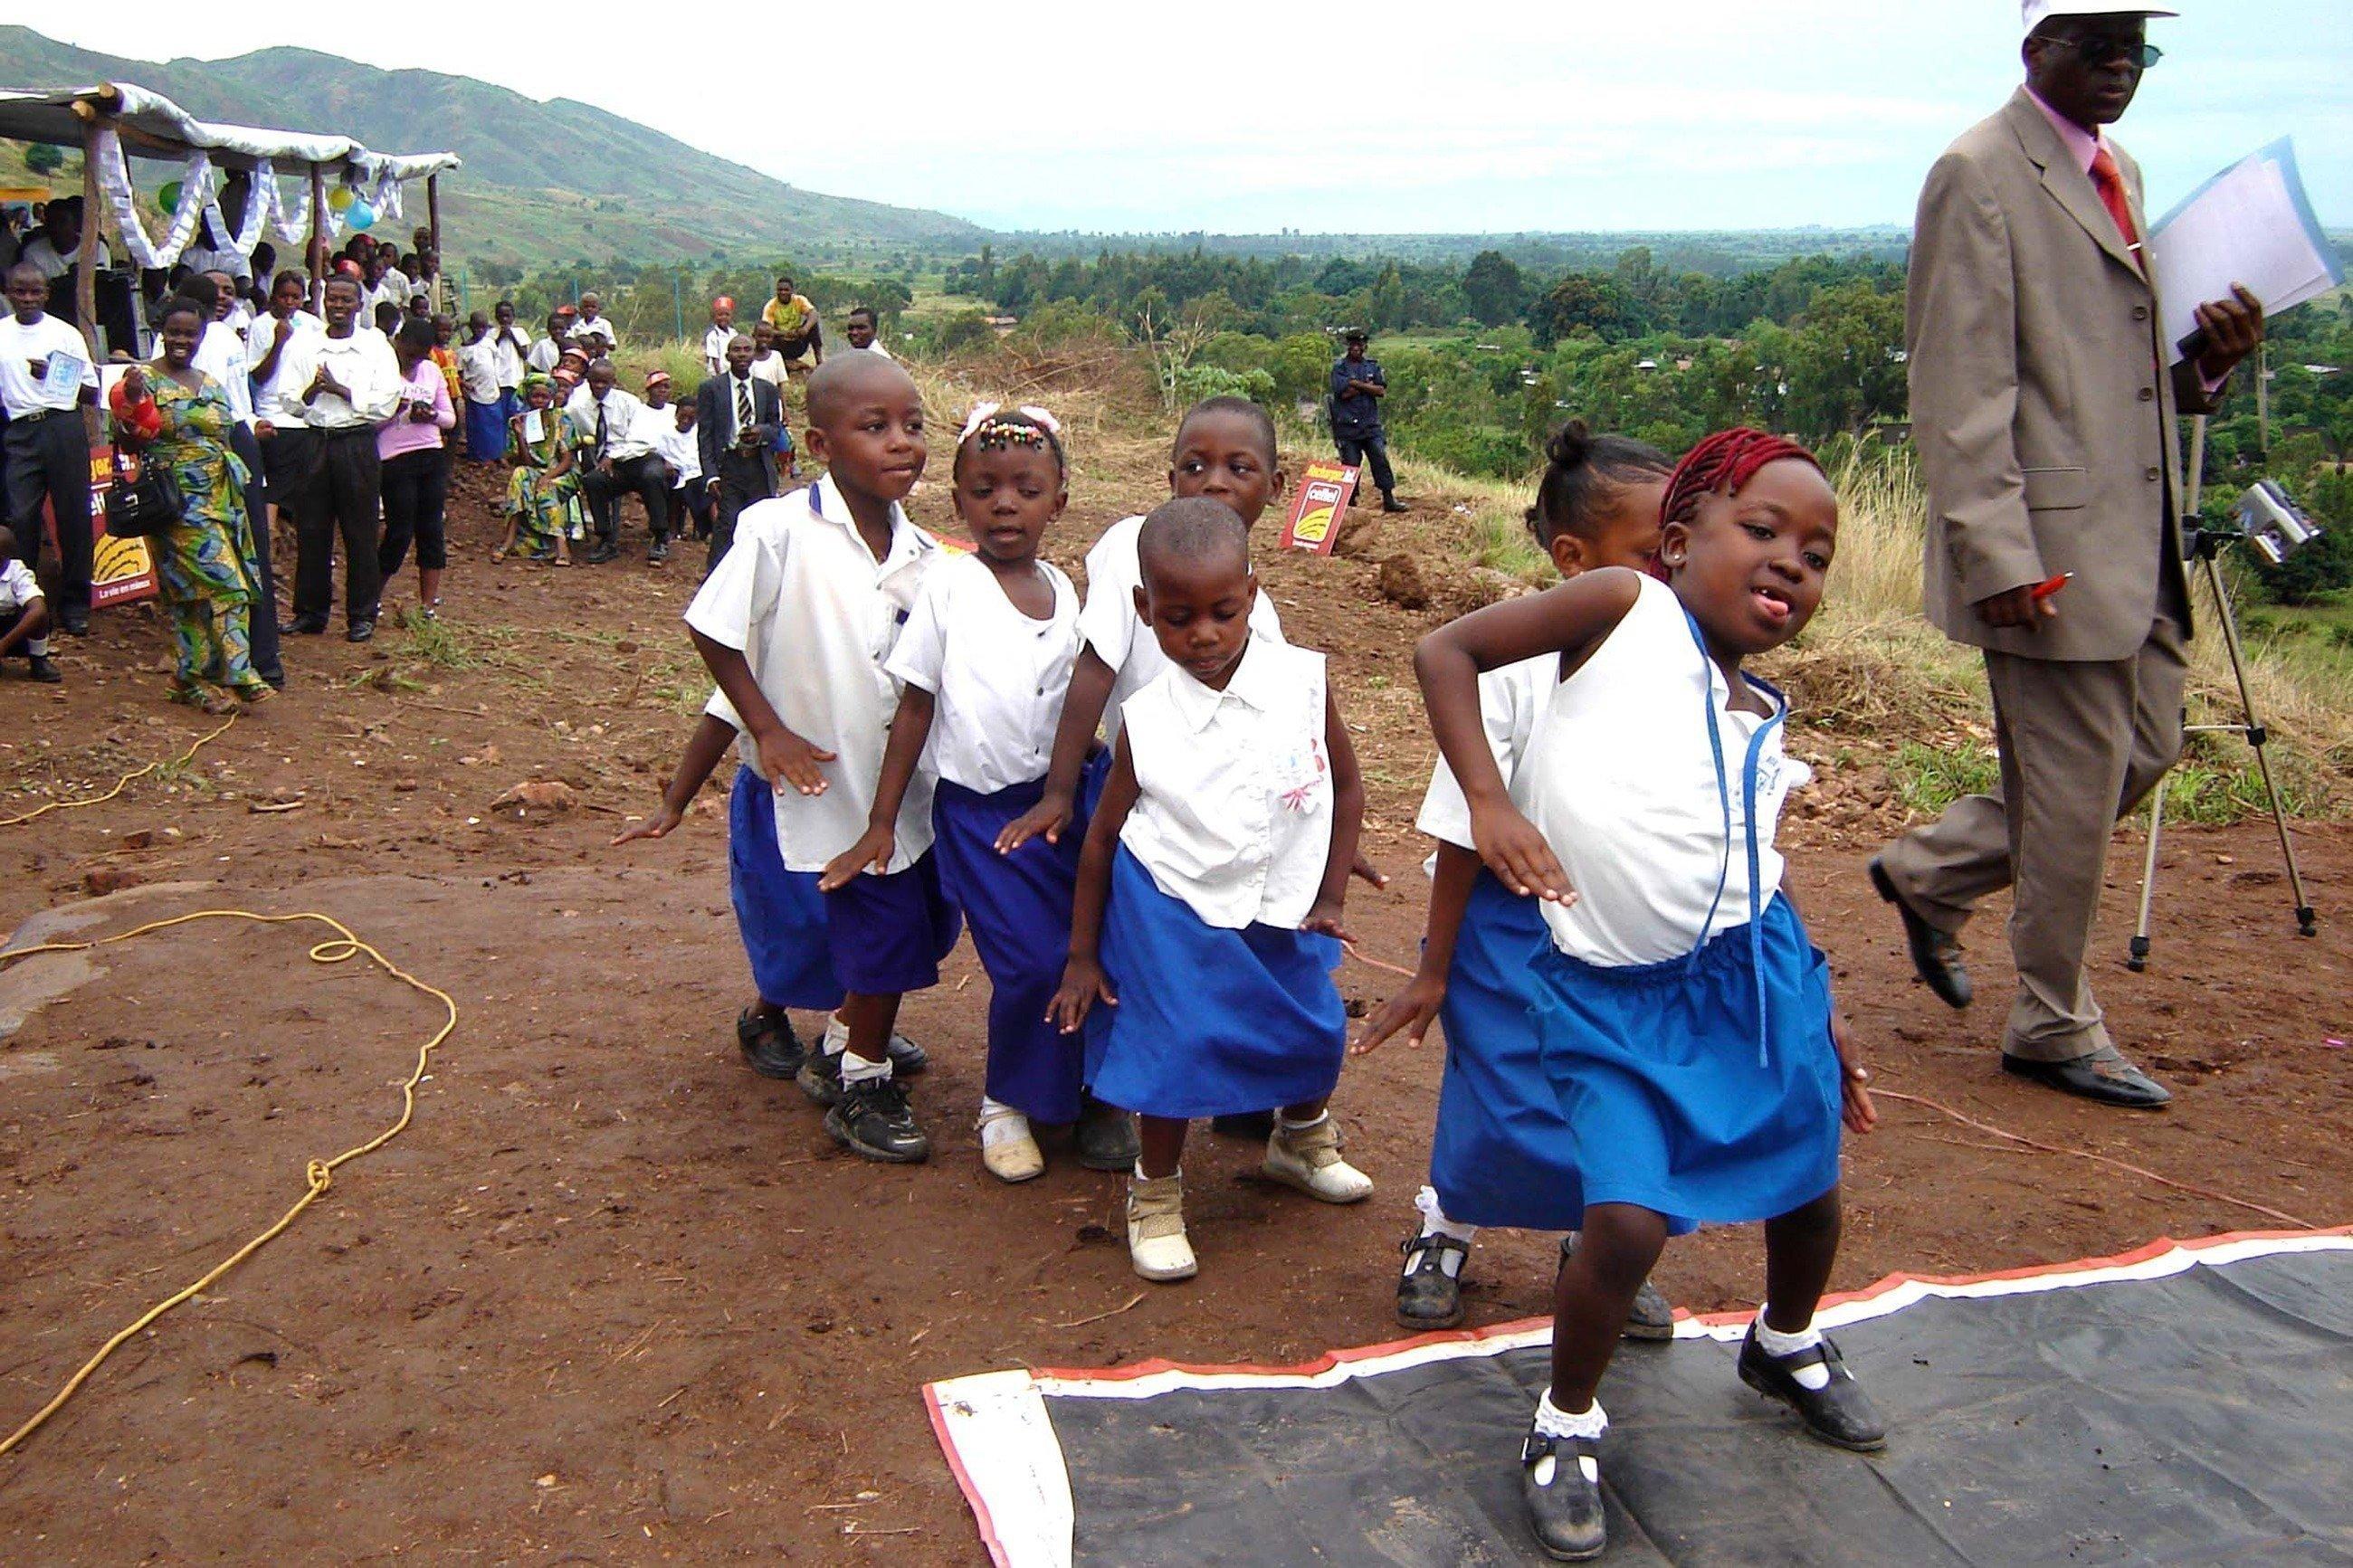 Un gruppo di bambine danza.